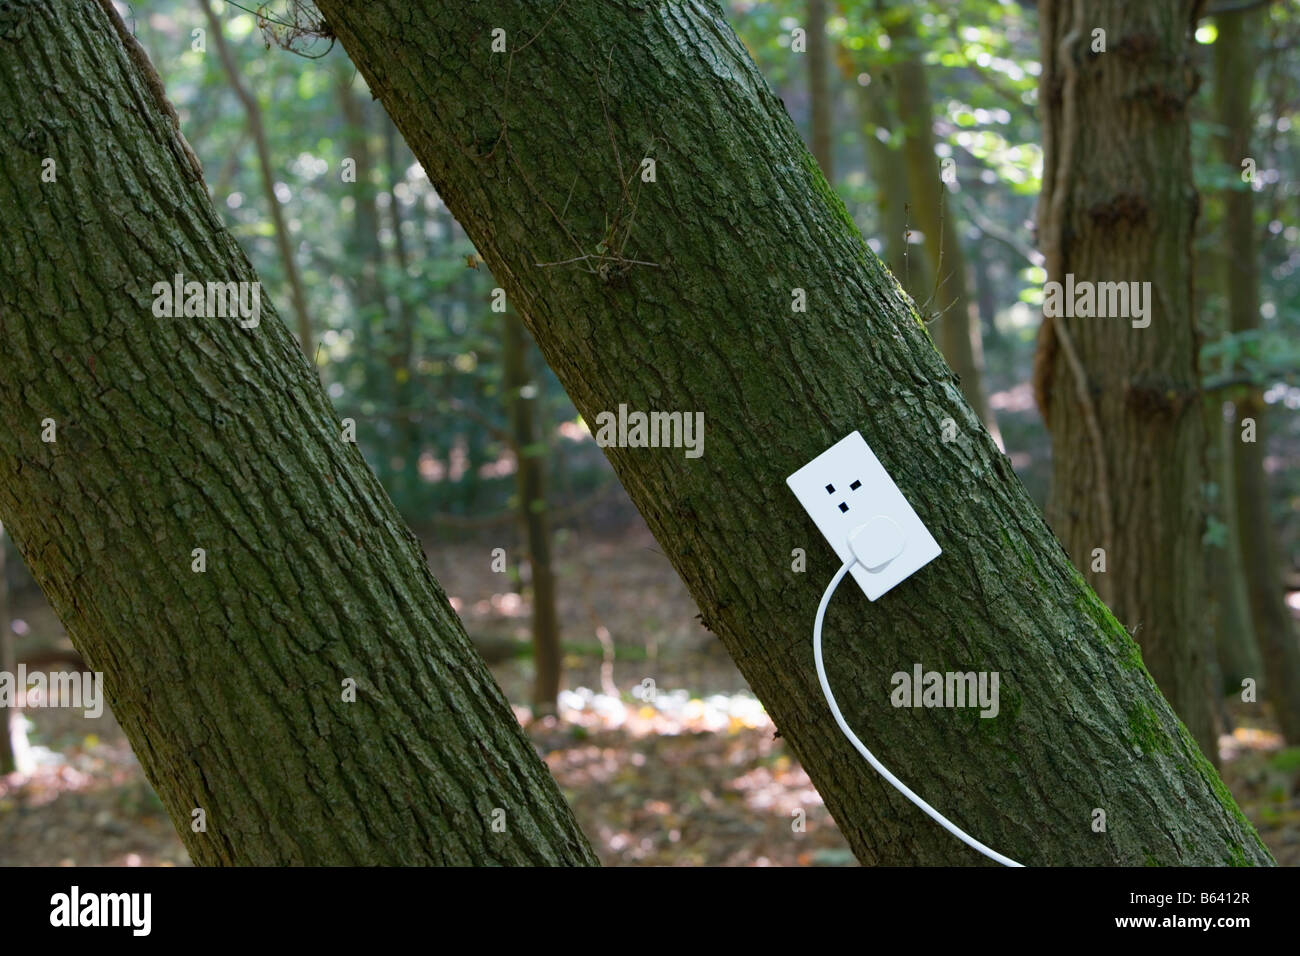 Presa elettrica su albero nella foresta Immagini Stock